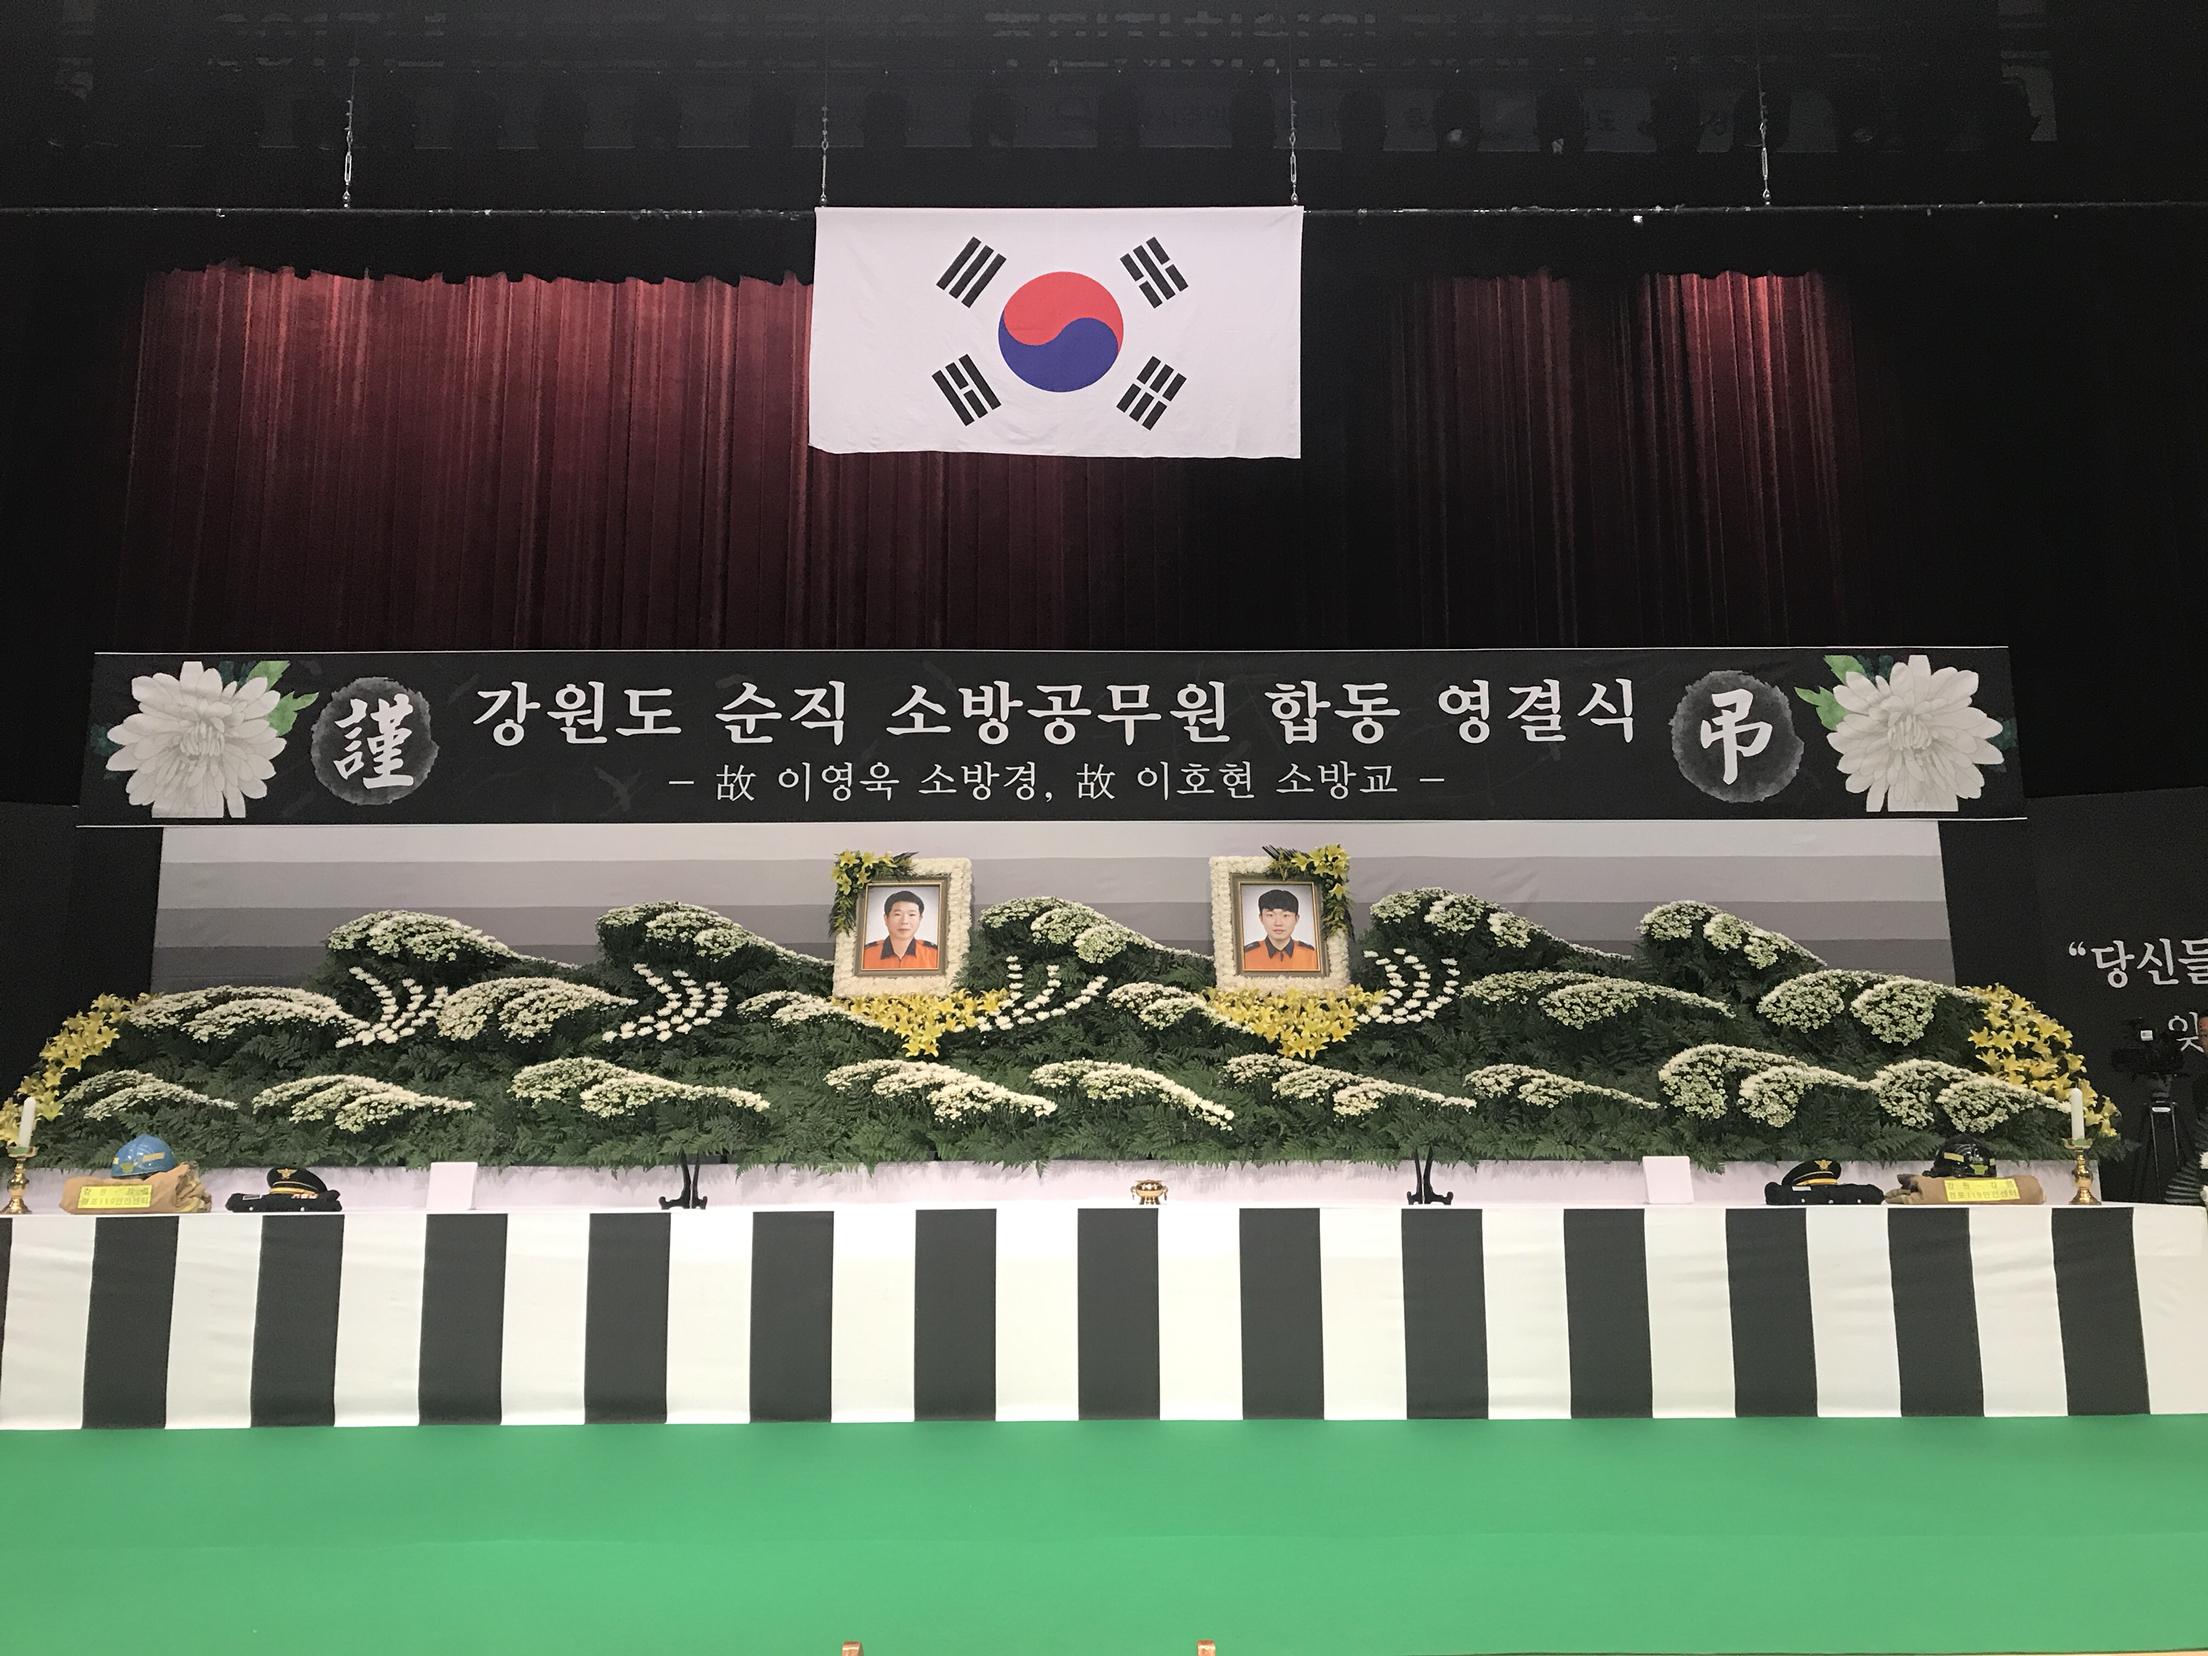 [현장화보] 대한민국 맏형과 막내 두 순직 소방관 영결식